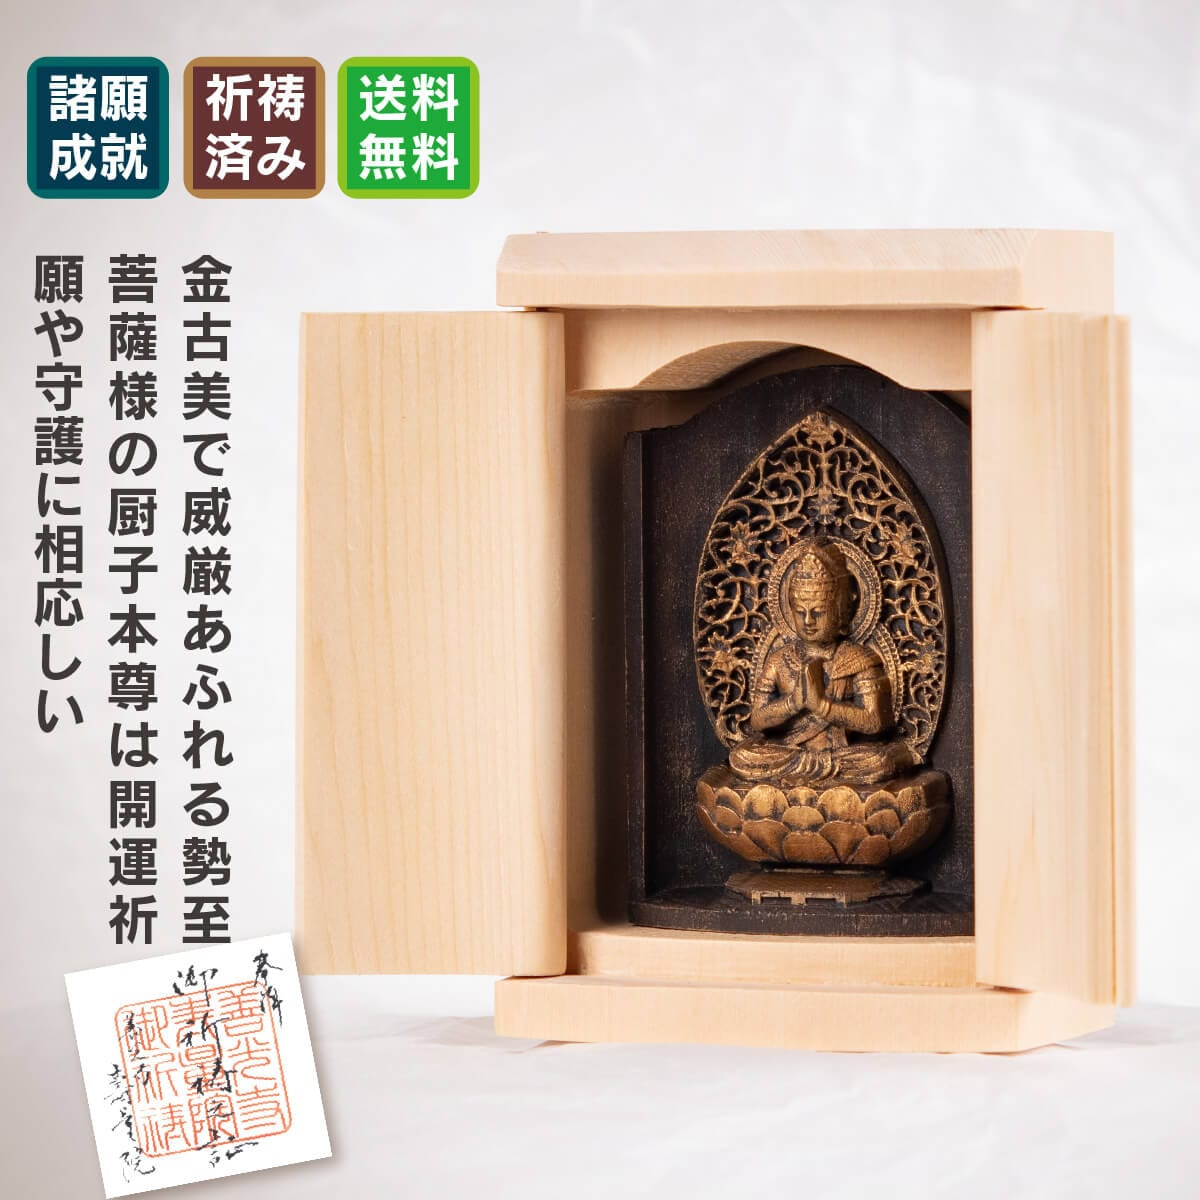 是空 勢至菩薩 厨子入りの仏像 金古美仕上げ 開運グッズ